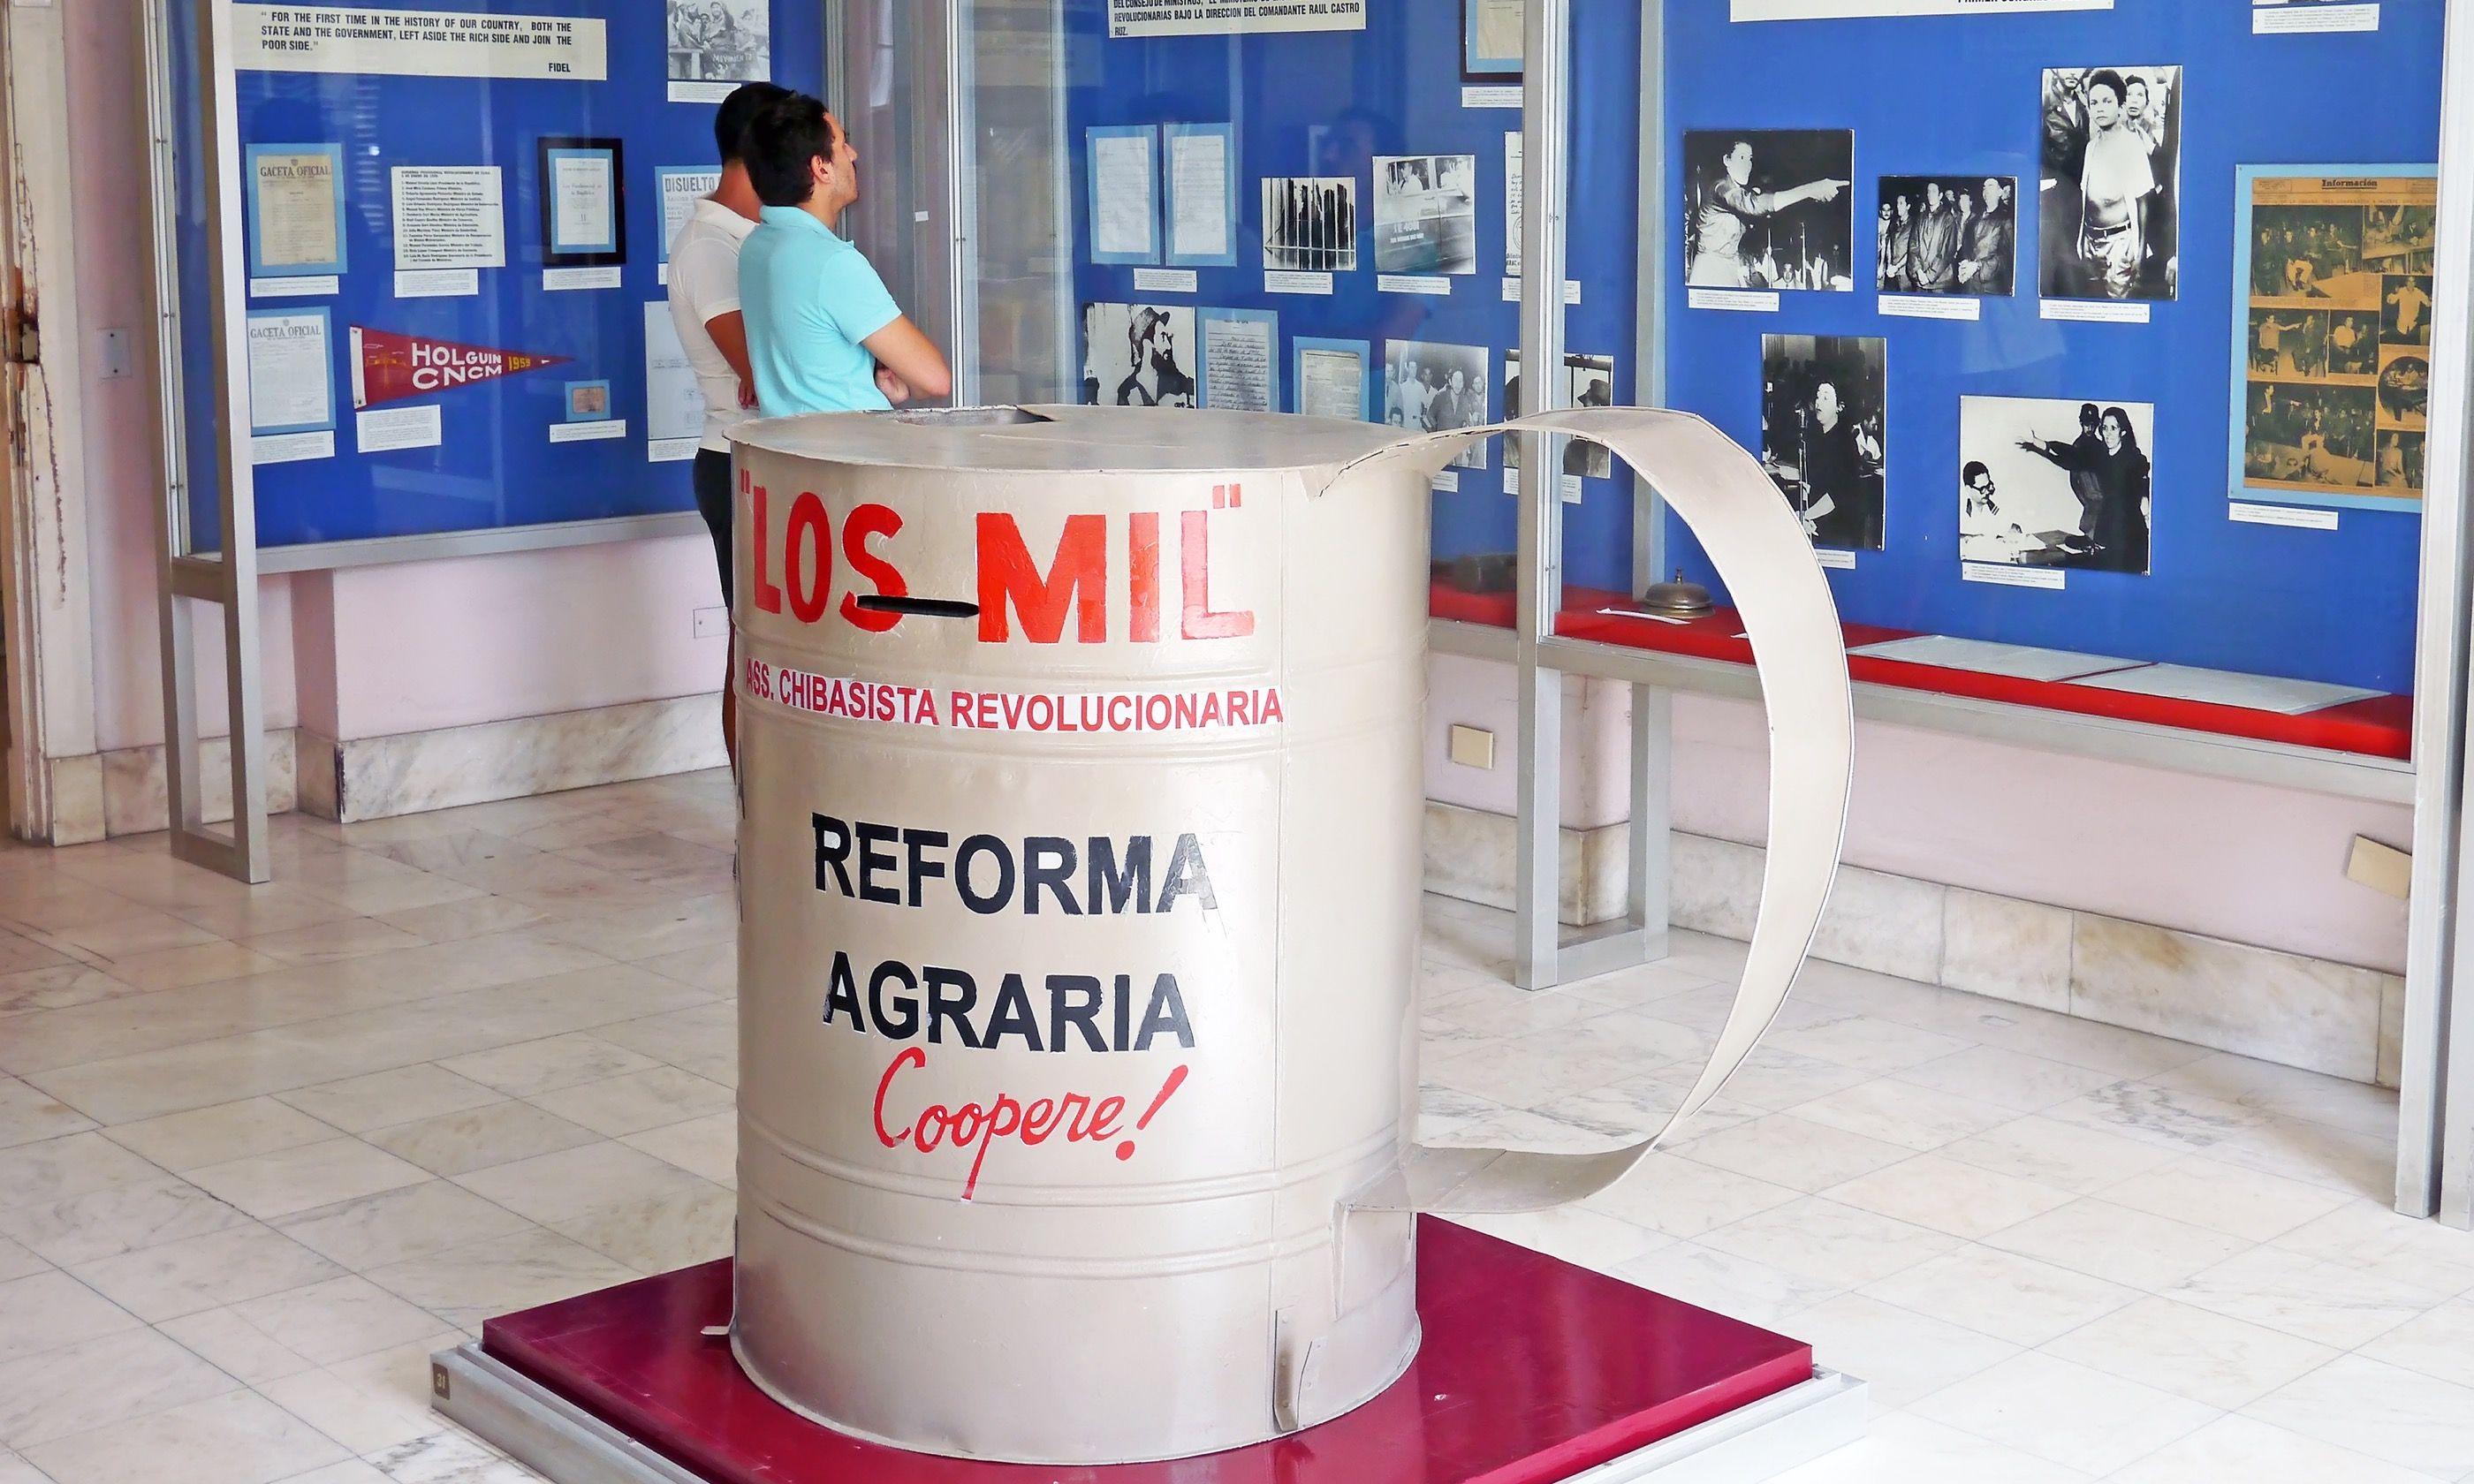 Display at the El Museo de la Revolución (Dreamstime)